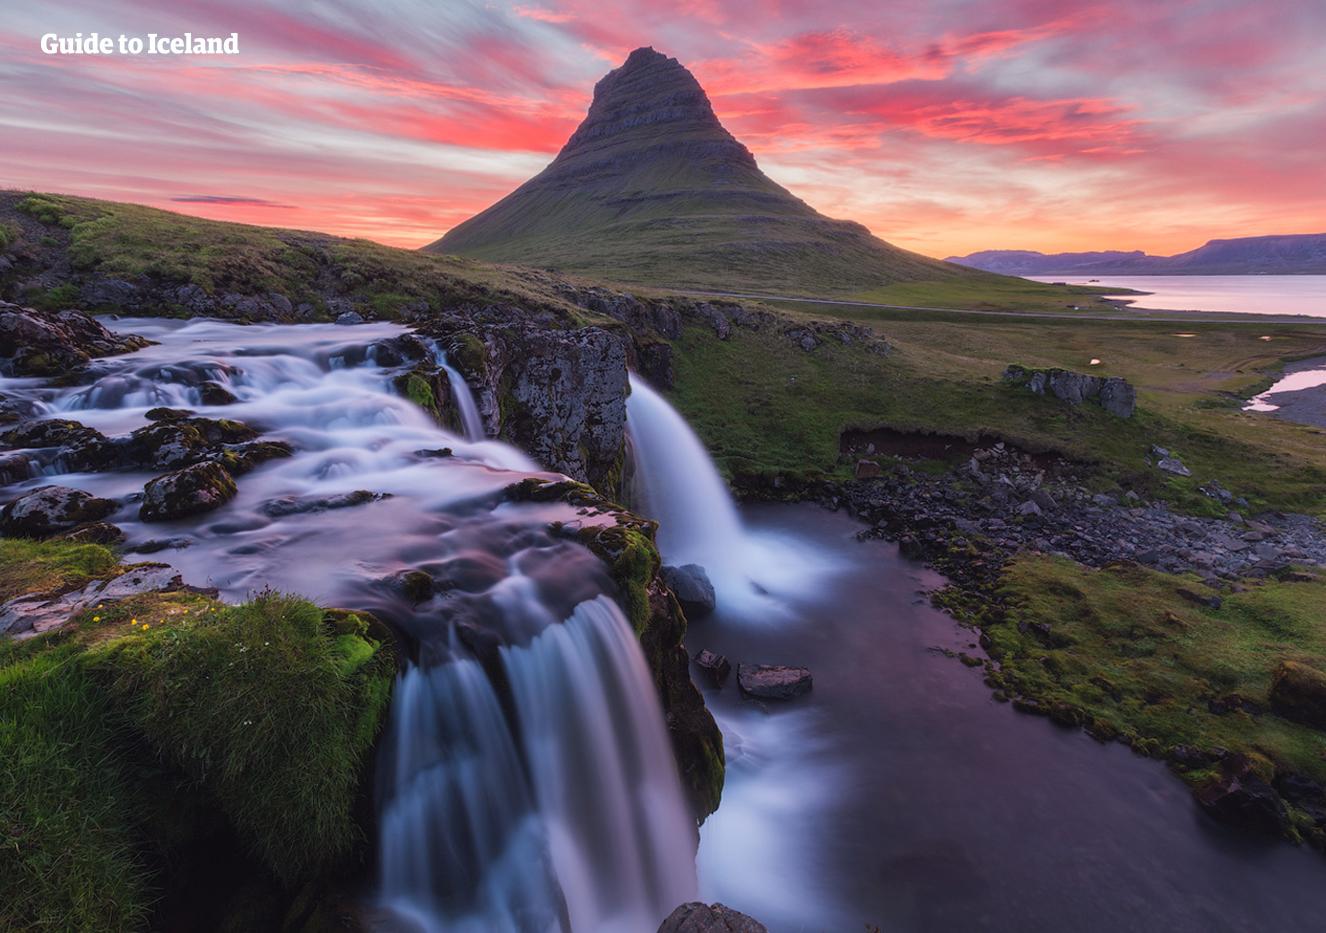 9 dni, samodzielna podróż | Dookoła Islandii zgodnie z ruchem wskazówek zegara - day 2